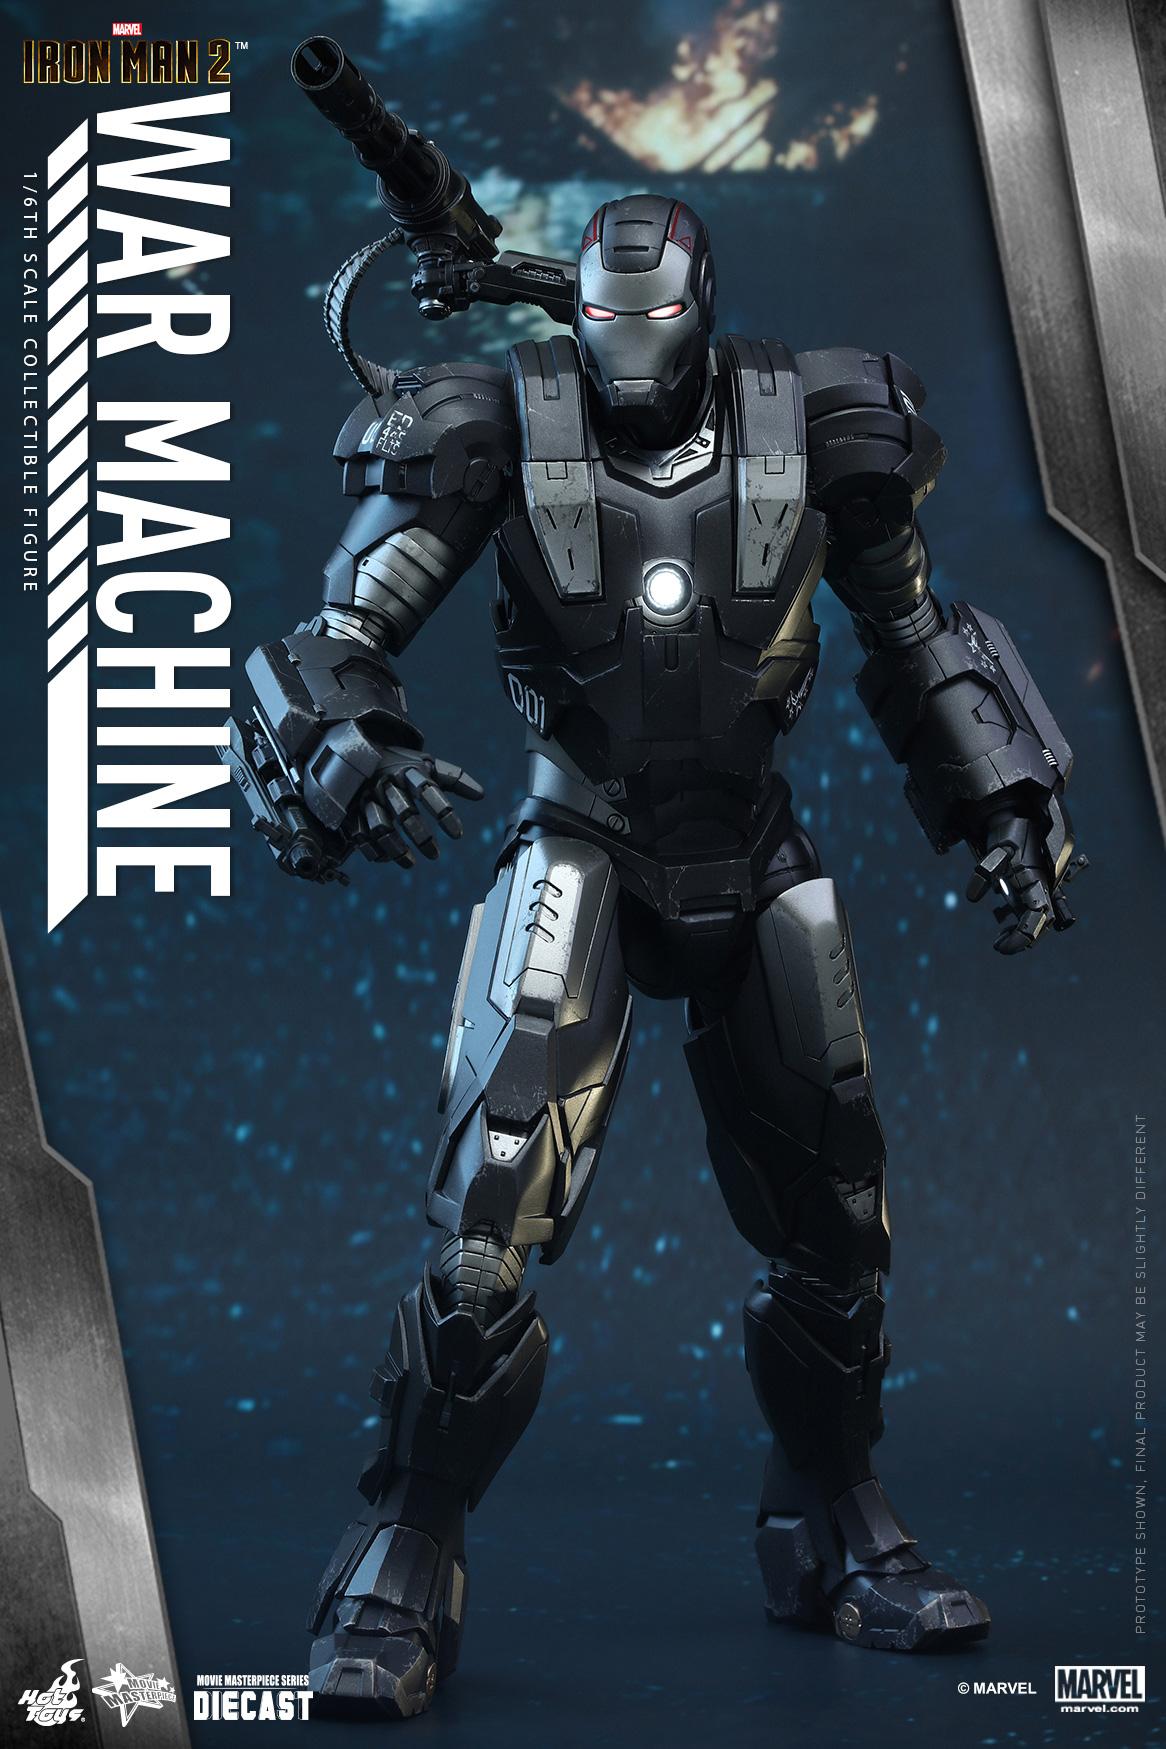 Latest Articles - Re: 1/6 DIECAST Iron Man 2 WAR MACHINE